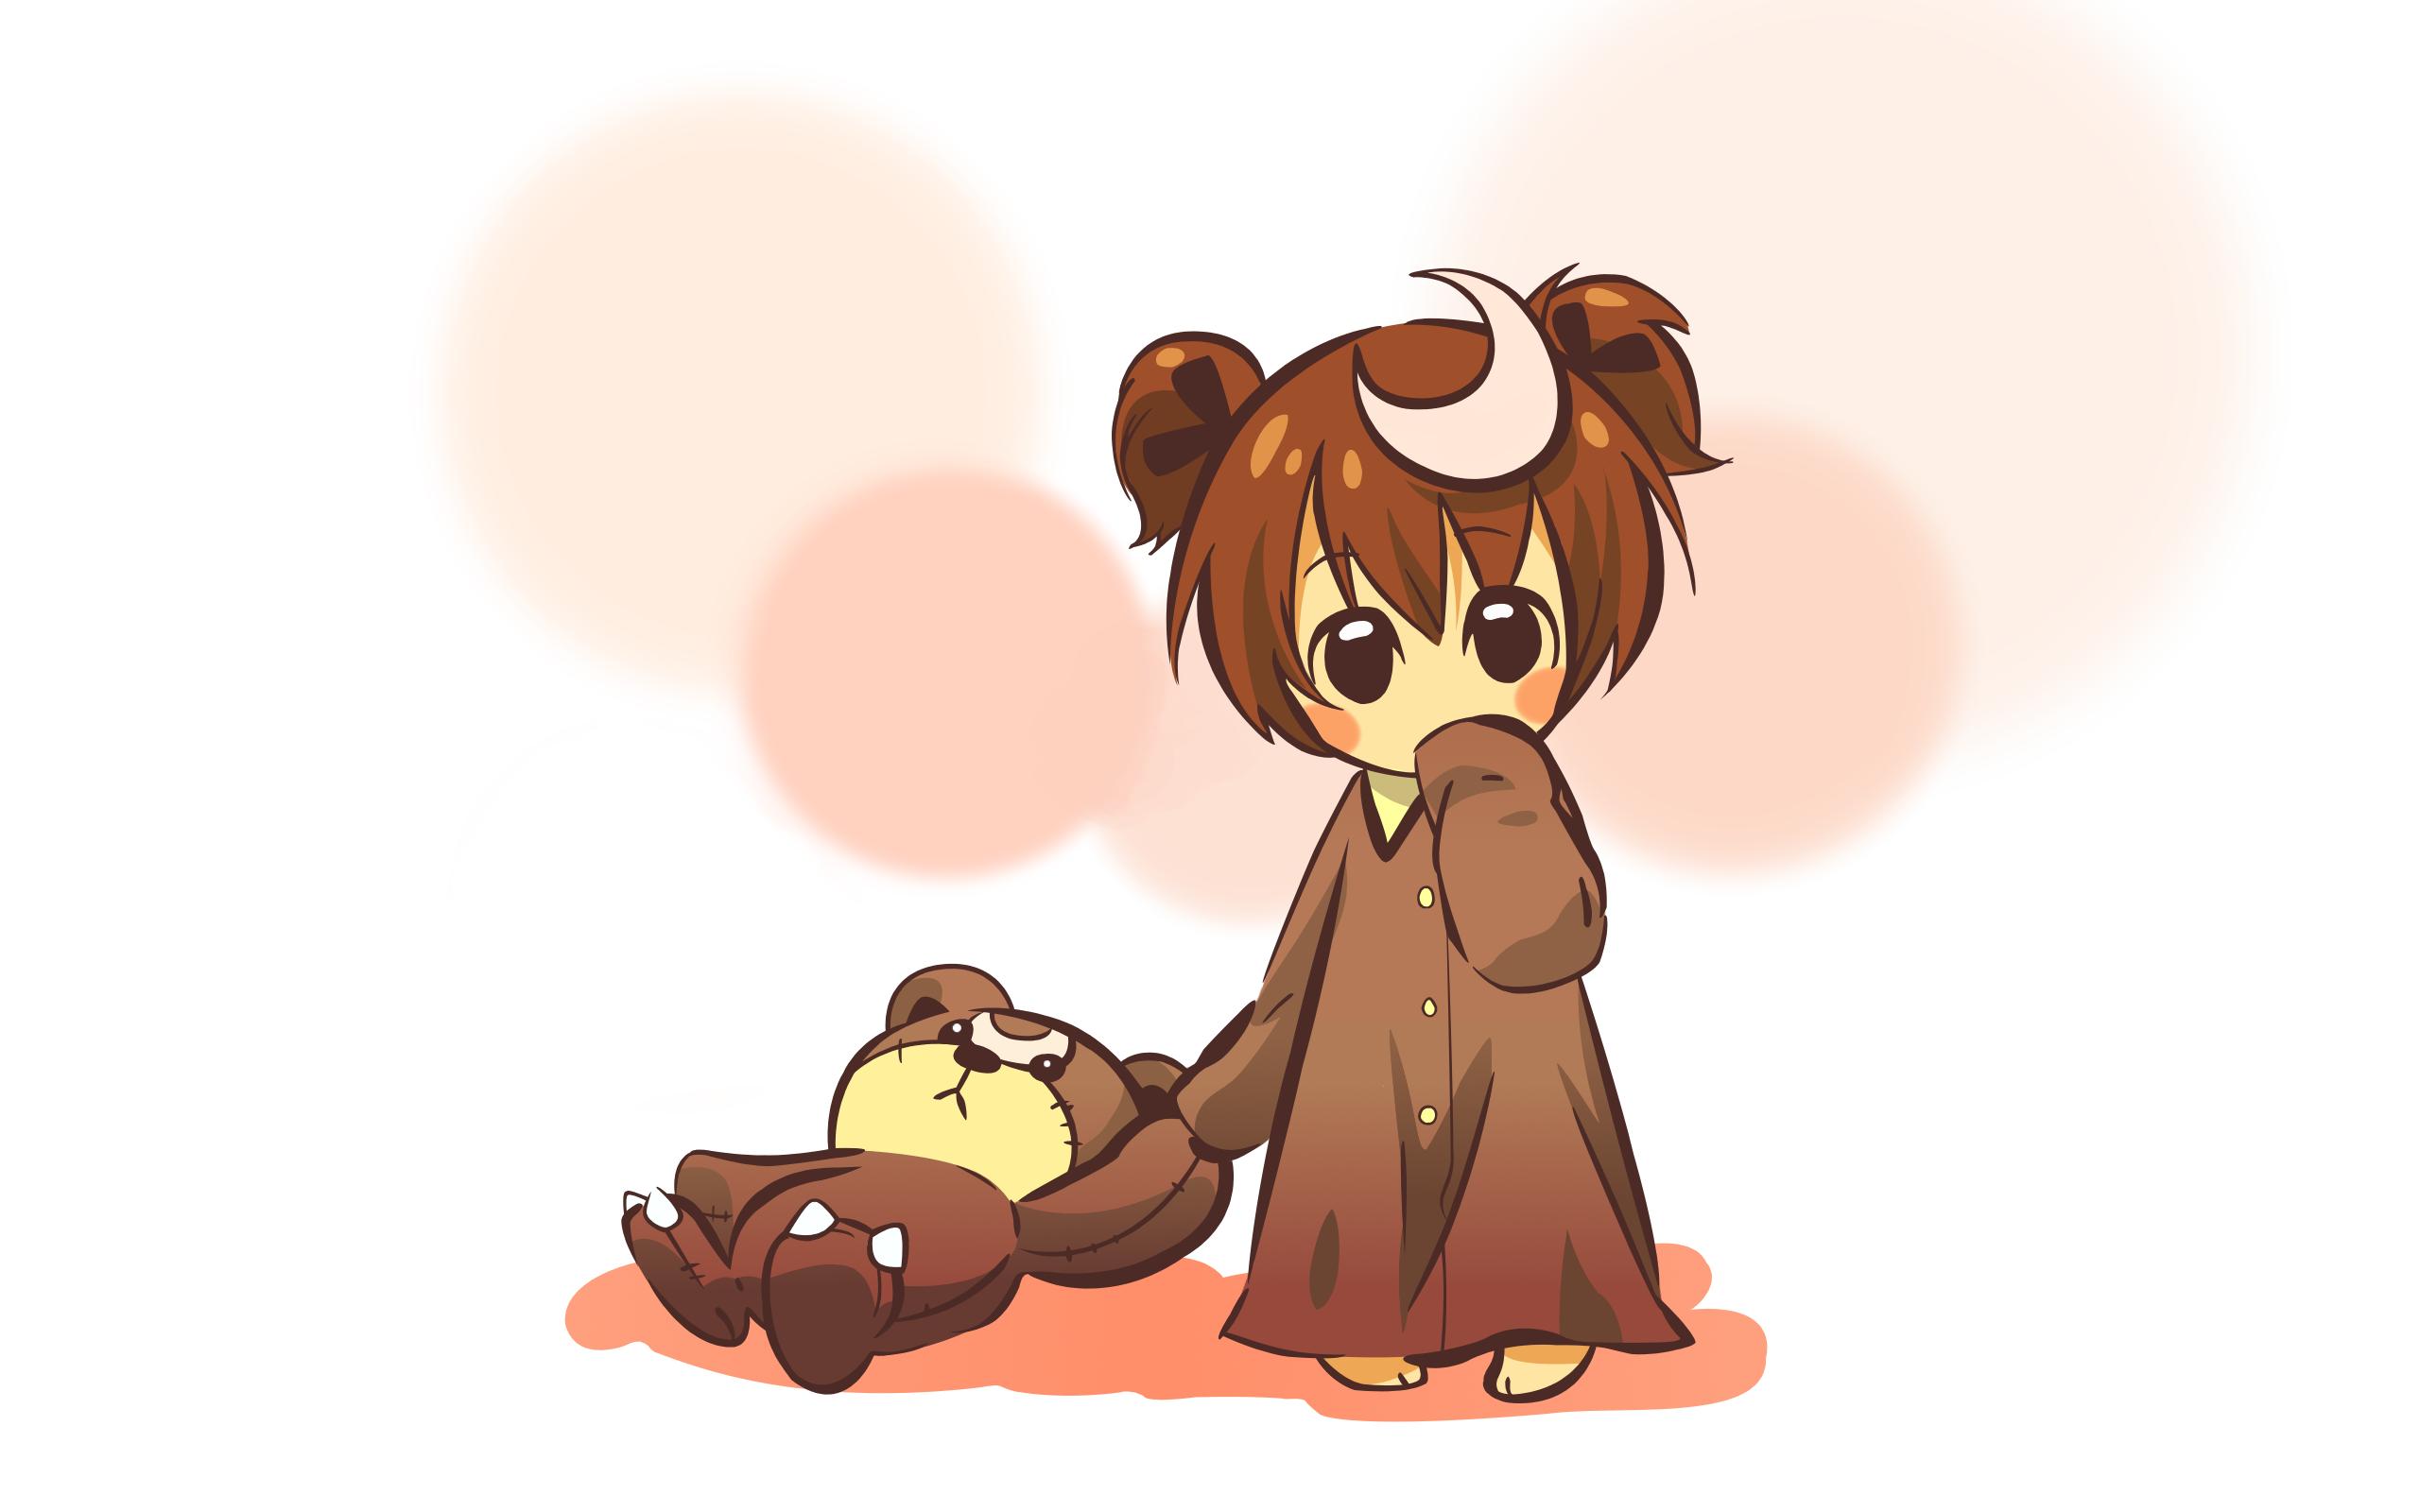 tai-hinh-anh-de-thuong-cute-lam-avatar-social-network (3)